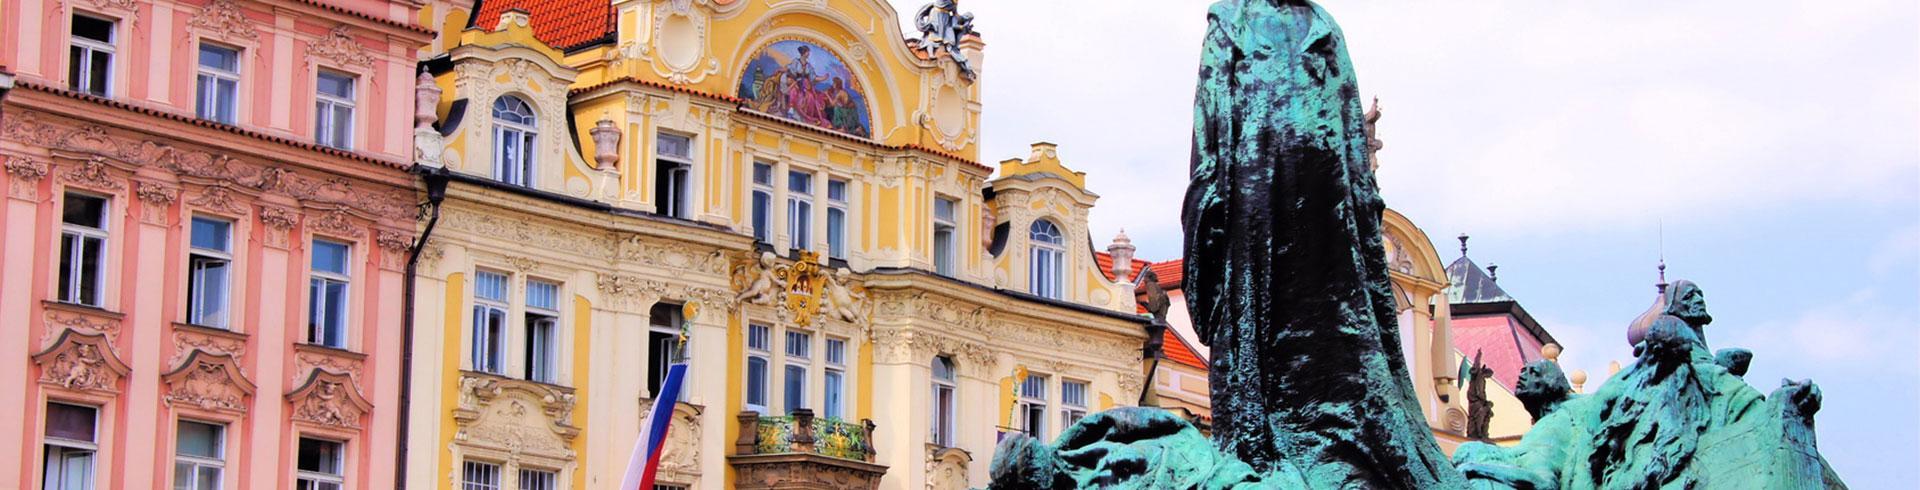 Prague czech republic europe more than 100 - Office de tourisme republique tcheque ...